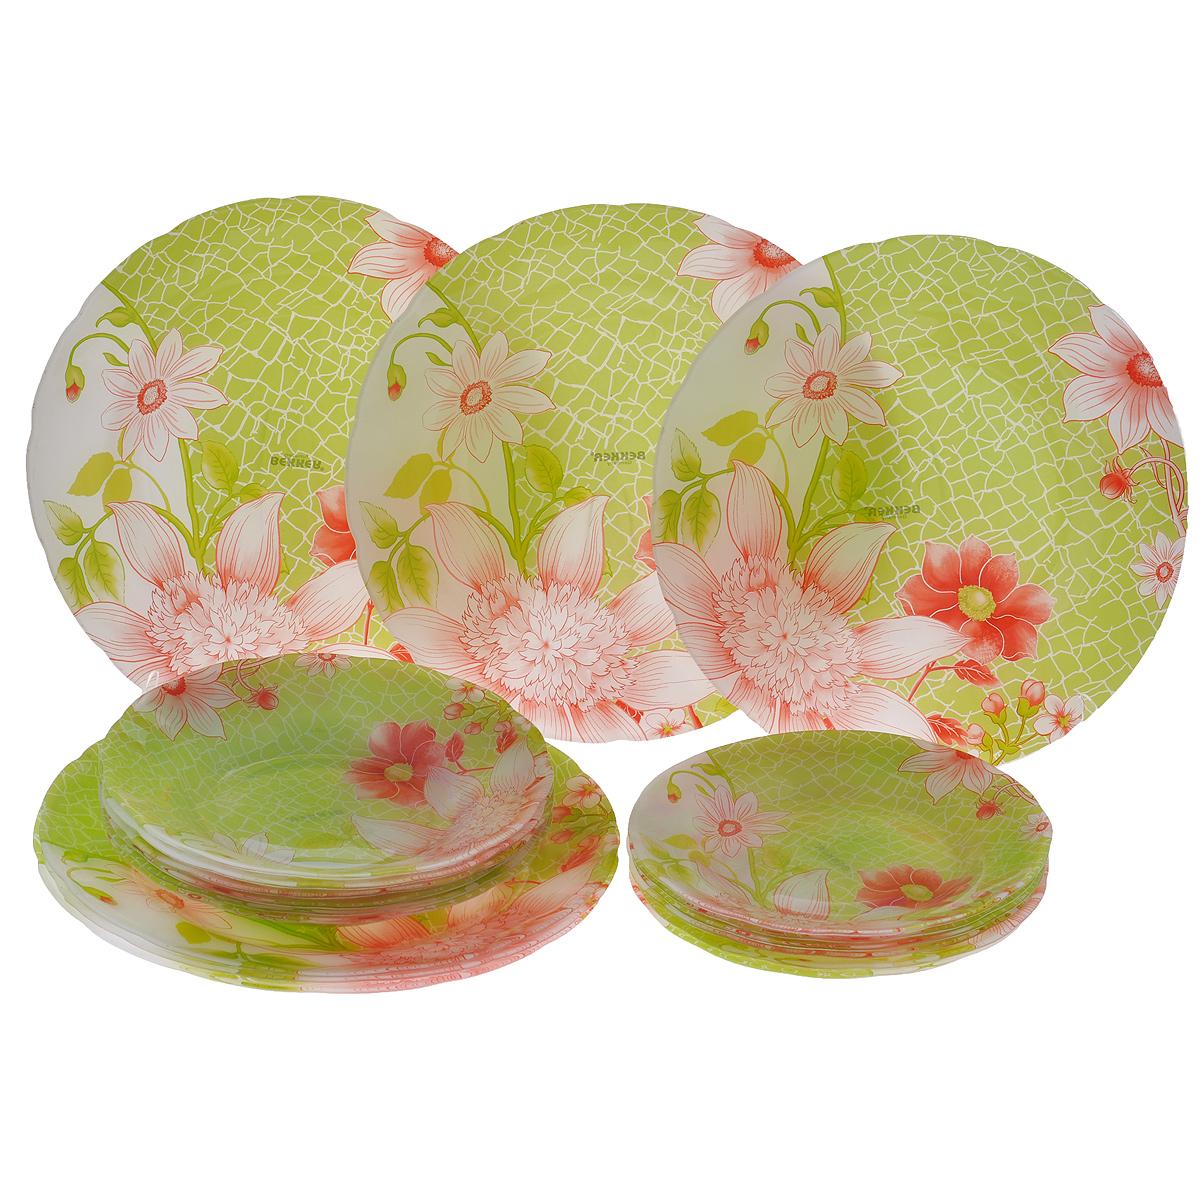 Сервиз обеденный Bekker Koch, 18 предметов. BK-9901BK-9901Обеденный сервиз Bekker Koch, изготовленный из высококачественного стекла, состоит из 6 суповых тарелок, 6 обеденных тарелок и 6 десертных тарелок. Изделия декорированы ярким изображением цветов. Такой сервиз придется по вкусу любителям классики, и тем, кто предпочитает утонченность и изысканность. Набор эффектно украсит стол к обеду, а также прекрасно подойдет для торжественных случаев. Не рекомендуется мыть в посудомоечной машине.